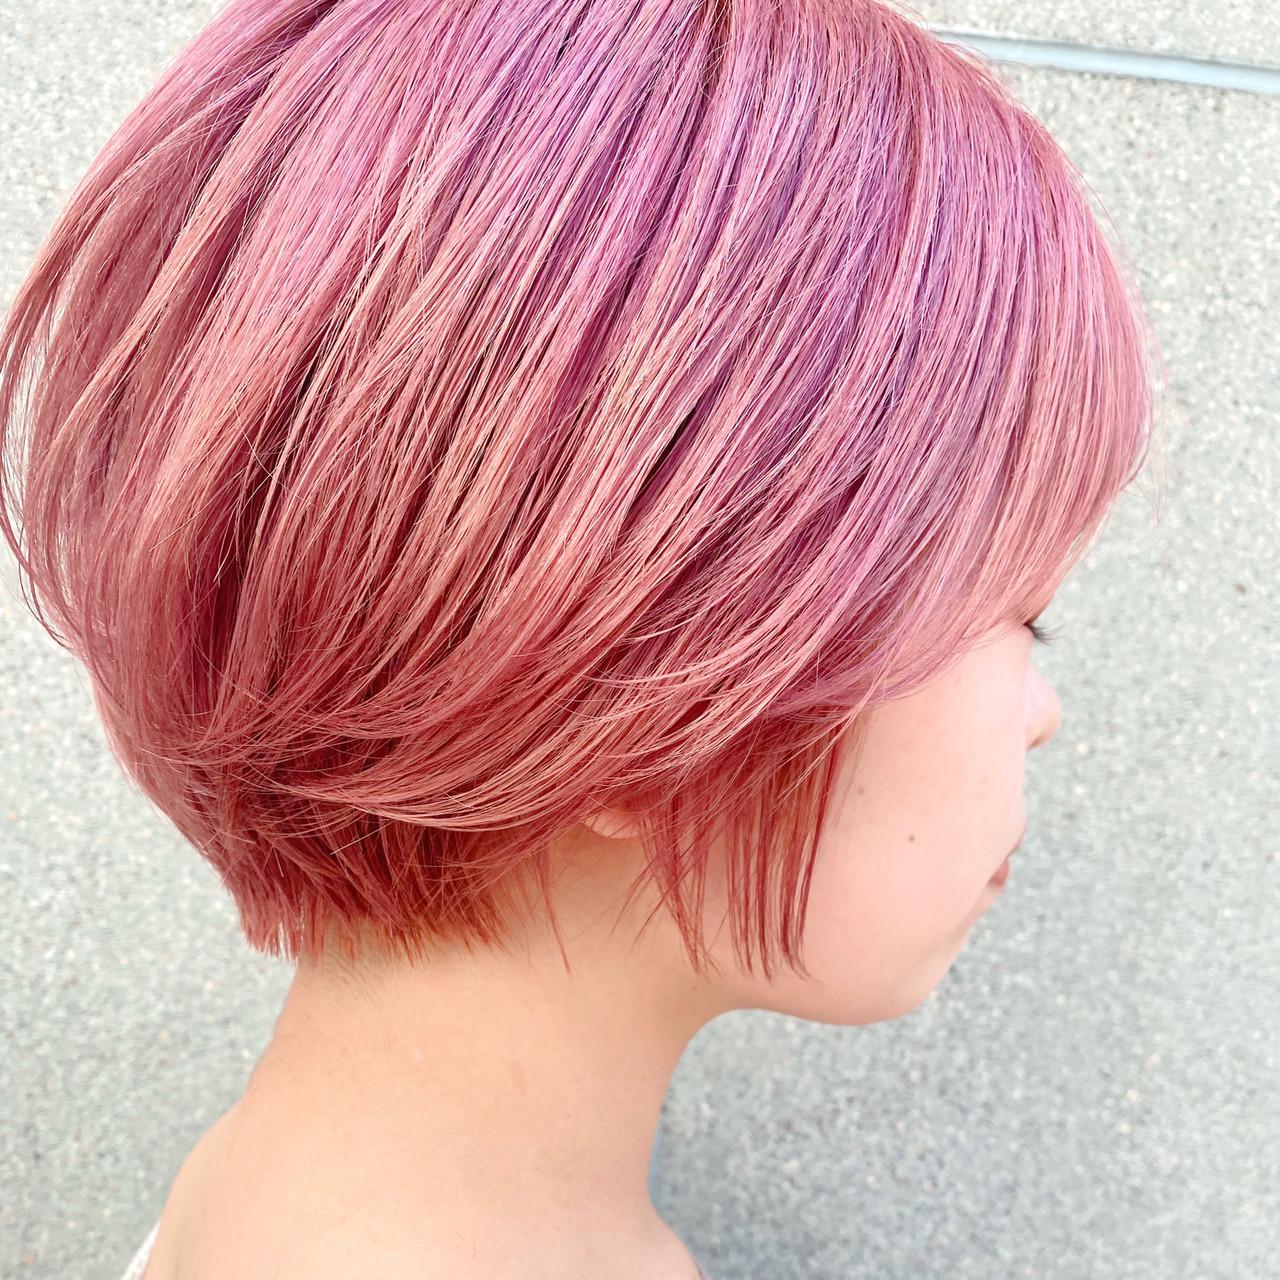 ショート ナチュラル ショートボブ 透明感カラー ヘアスタイルや髪型の写真・画像